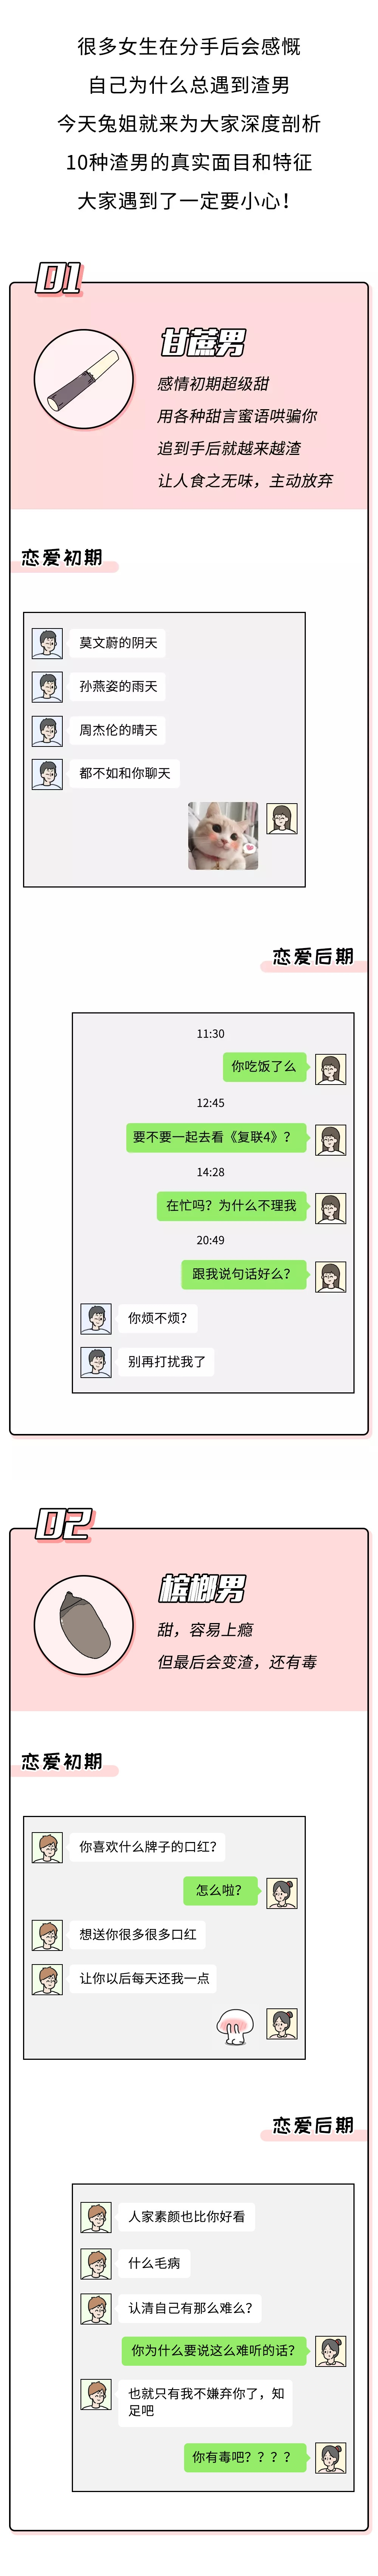 实名曝光当代社会10种渣男,女生千万要小心!